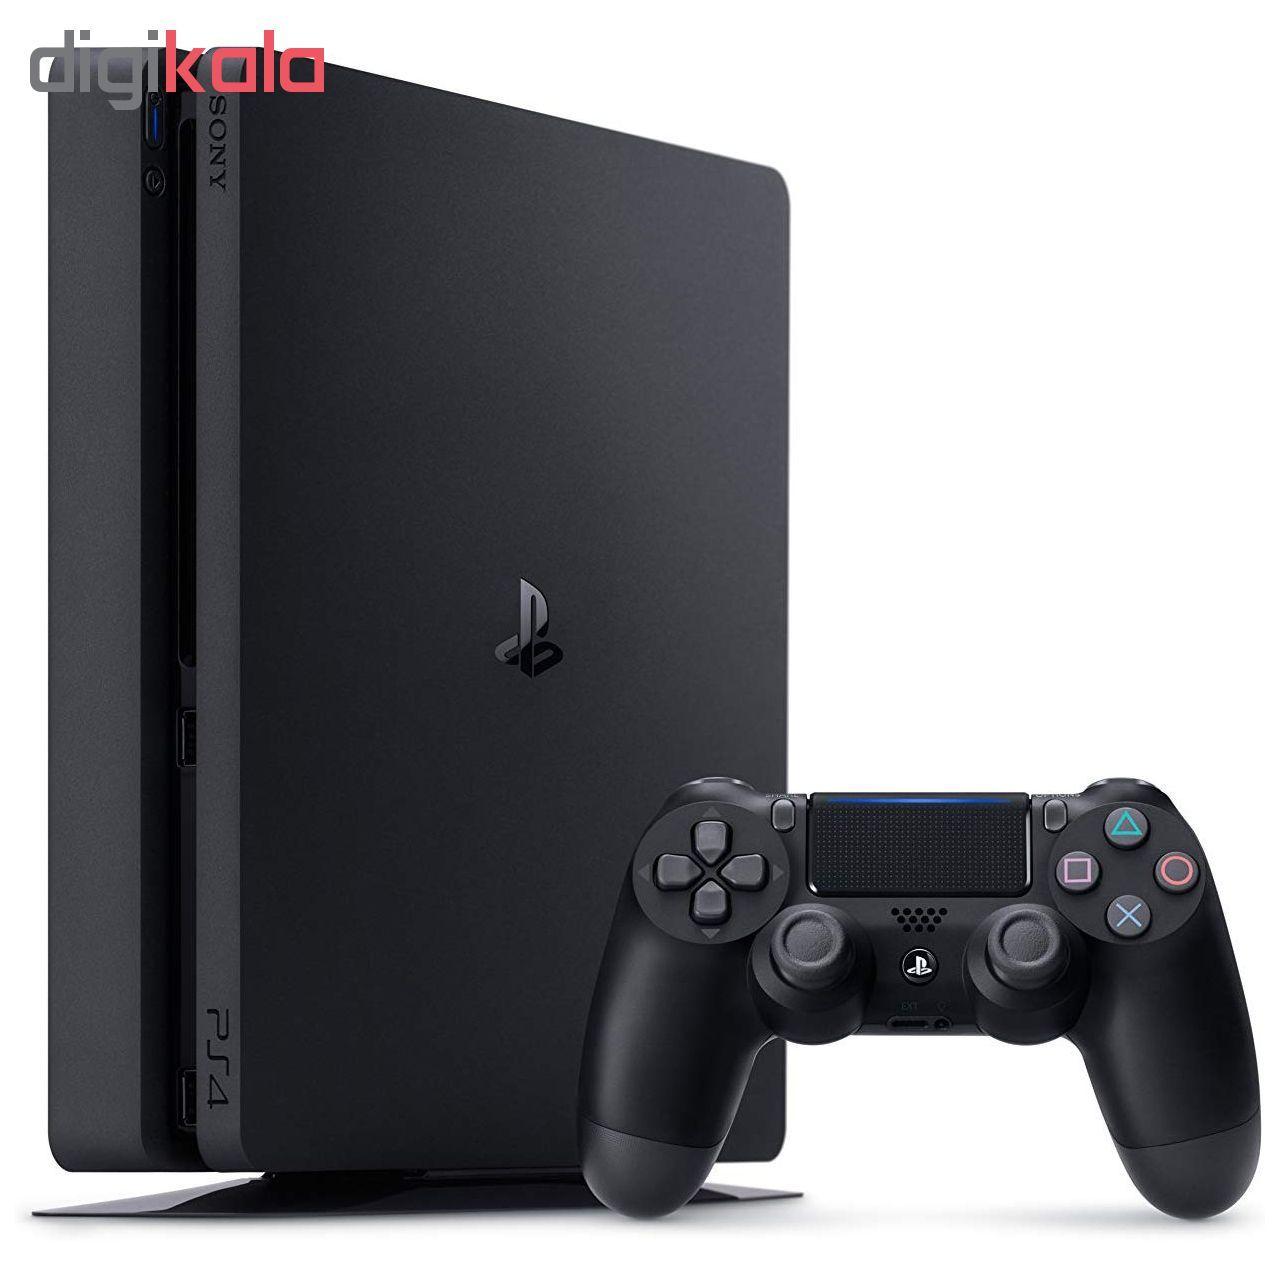 کنسول بازی سونی مدل Playstation 4 Slim کد Region 2 CUH-2216A ظرفیت 500 گیگابایت main 1 1